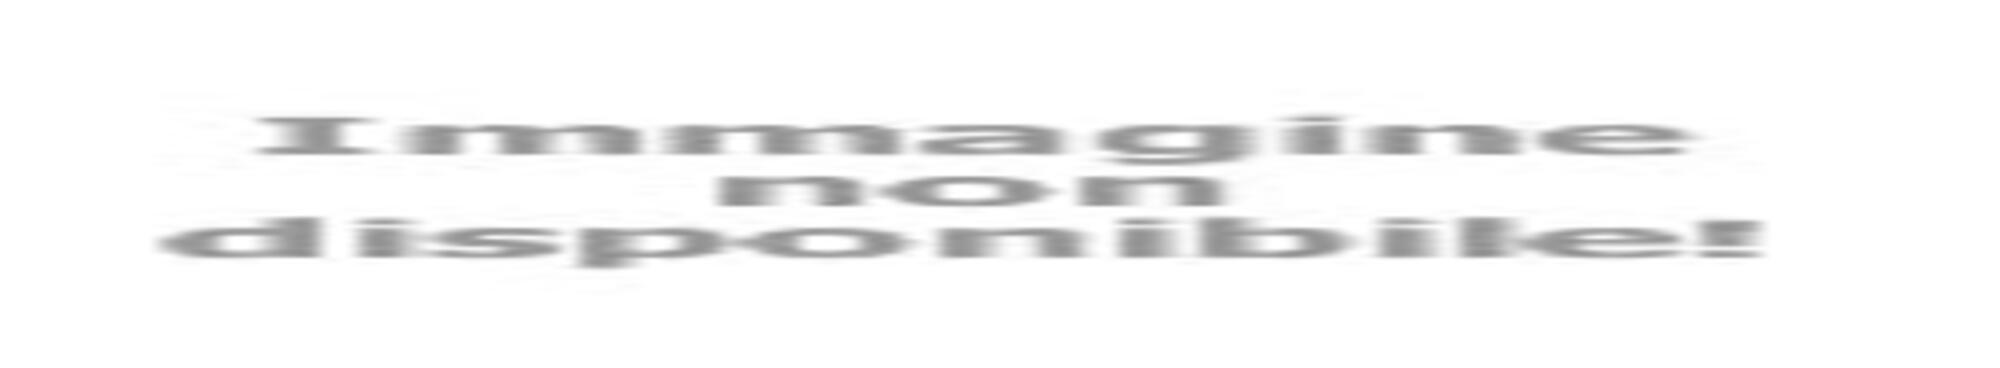 Angebot f�r einen Urlaub mit der Familie in der letzten Juliwoche im Hotel Rimini mit Erm��igungen